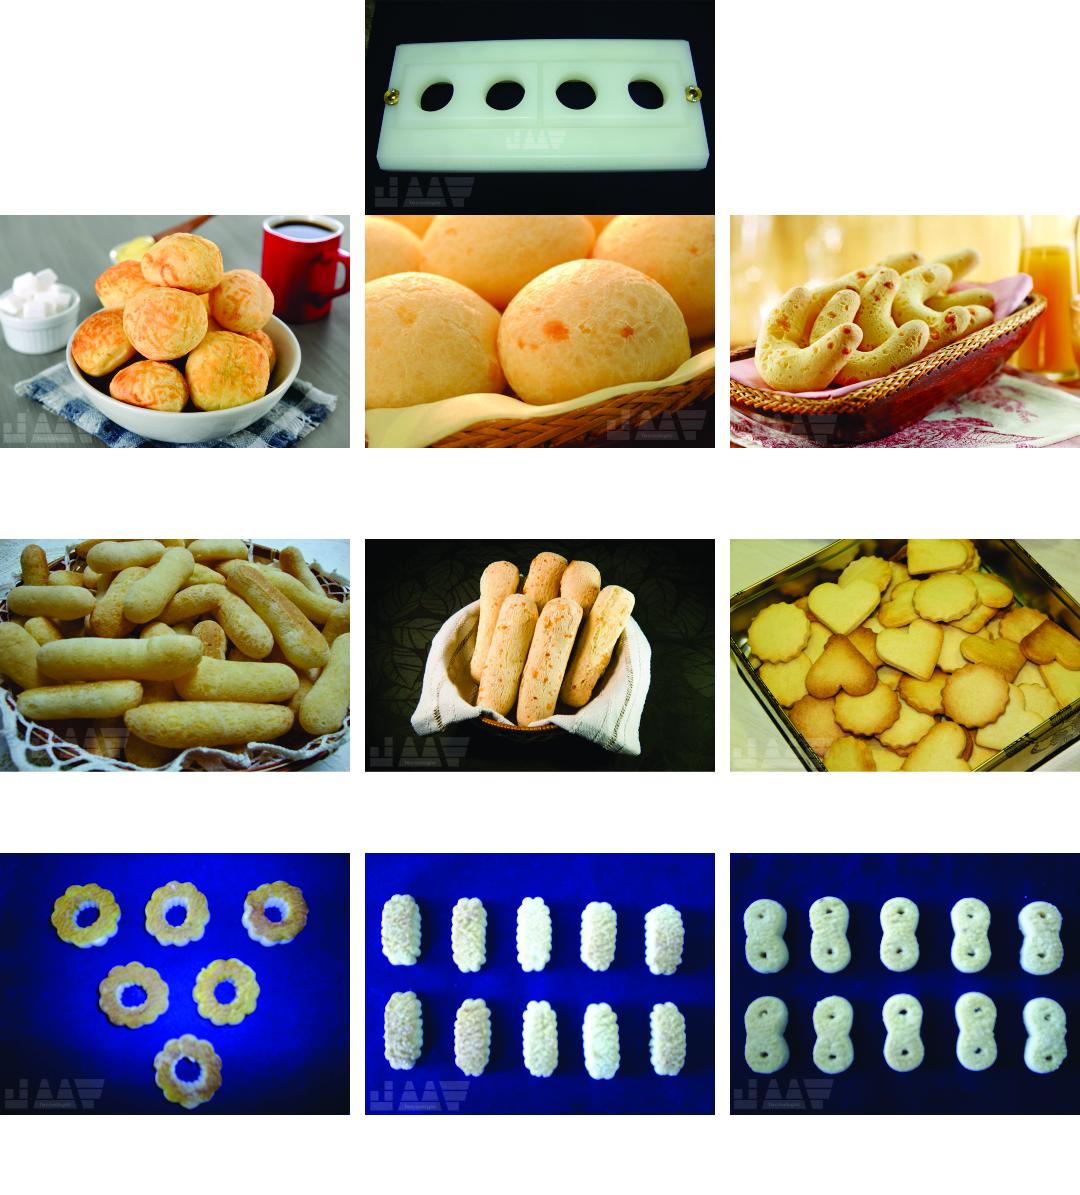 Matrizes / Moldes para Pão de Queijo, Biscoito de Queijo e Biscoito Doce (Amanteigado)